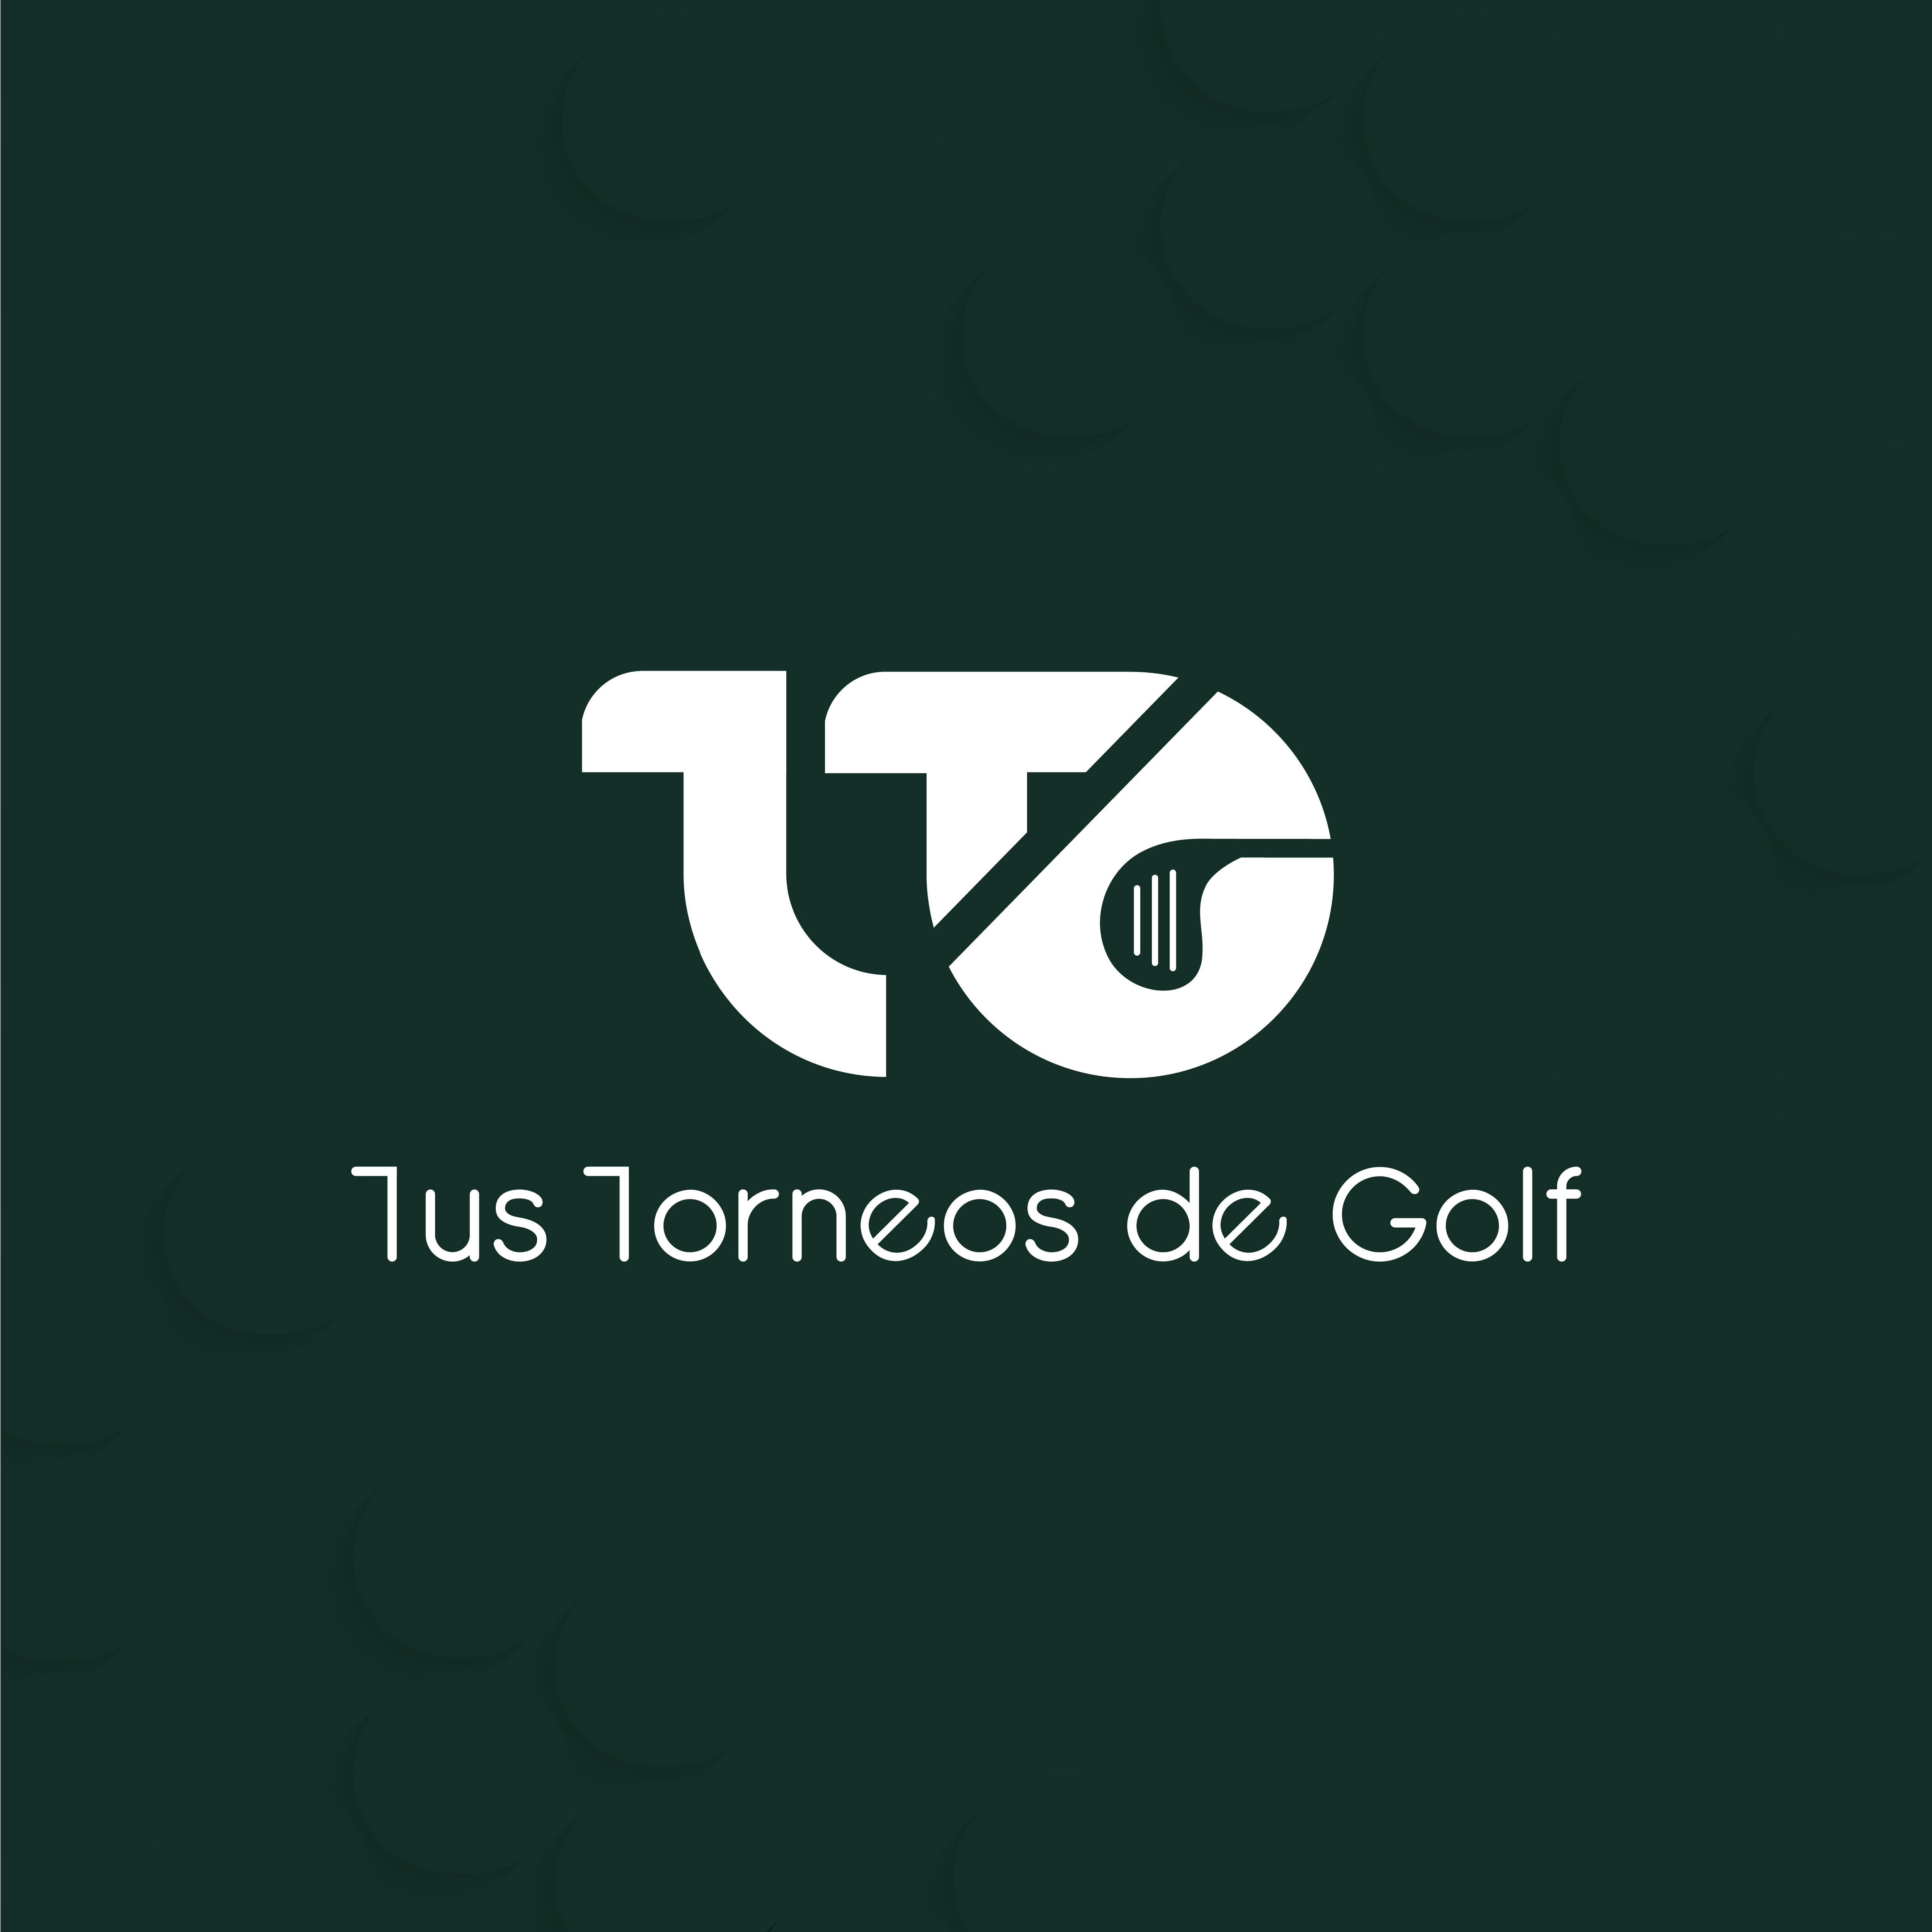 TTG | Tus Torneos de Golf